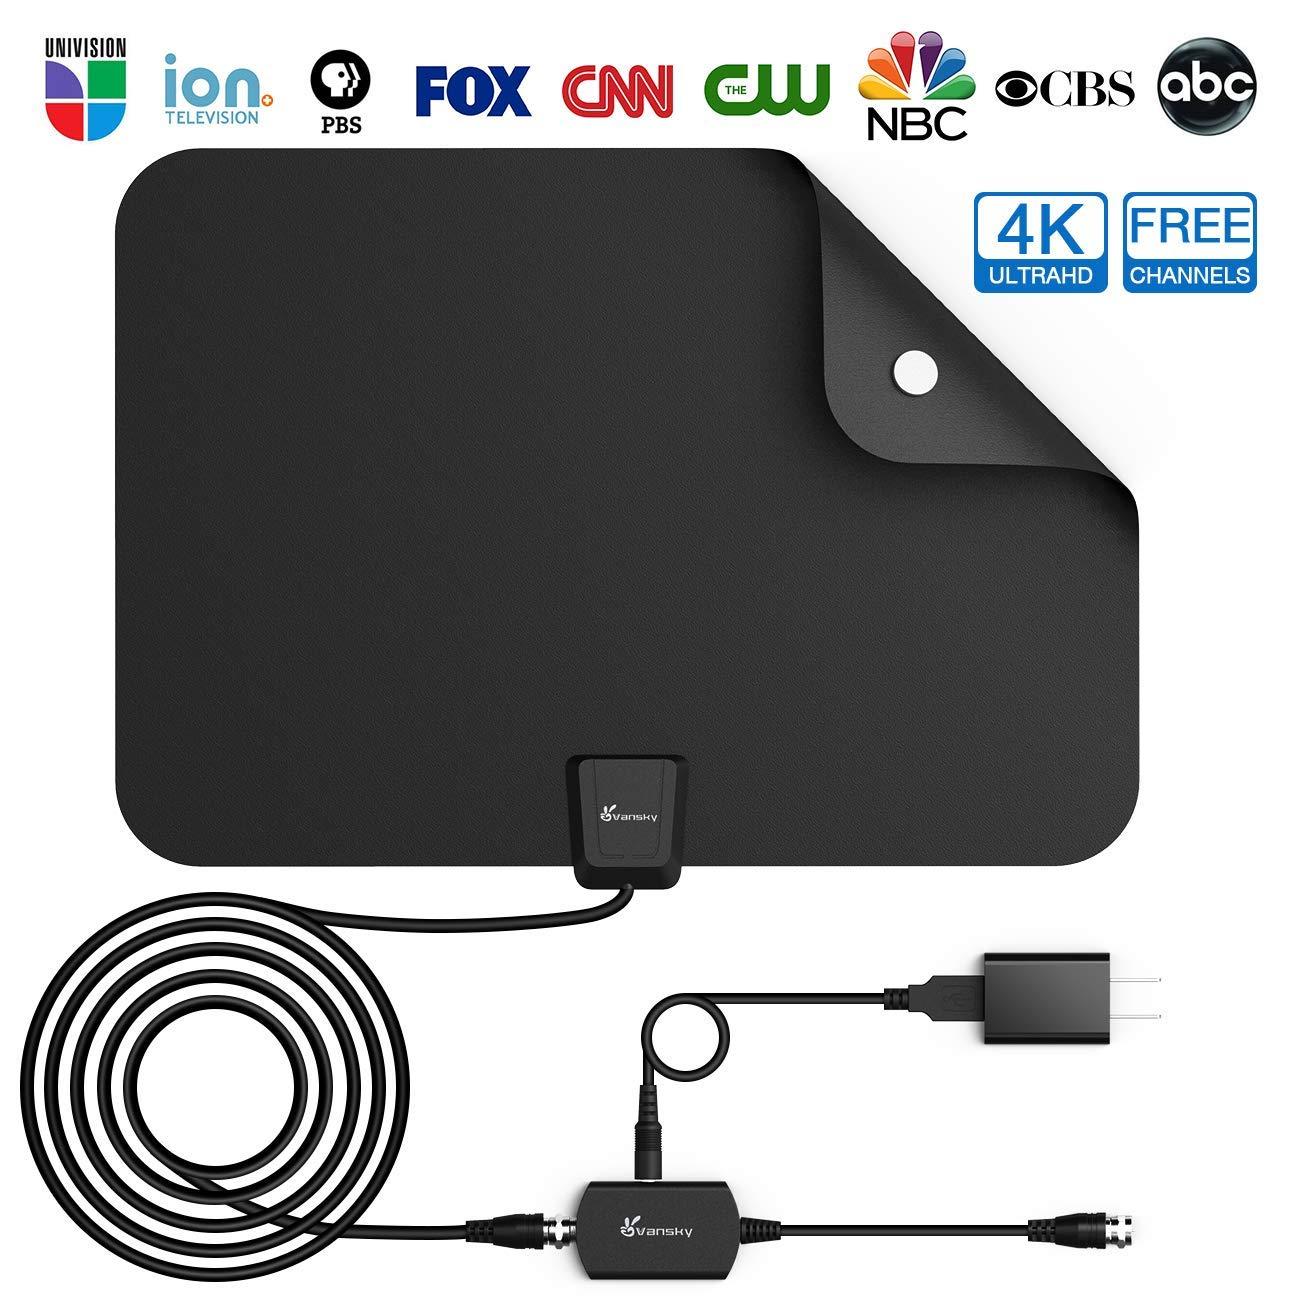 Vansky Amplified UHD TV Antenna [Best Indoor Tv Antenna]